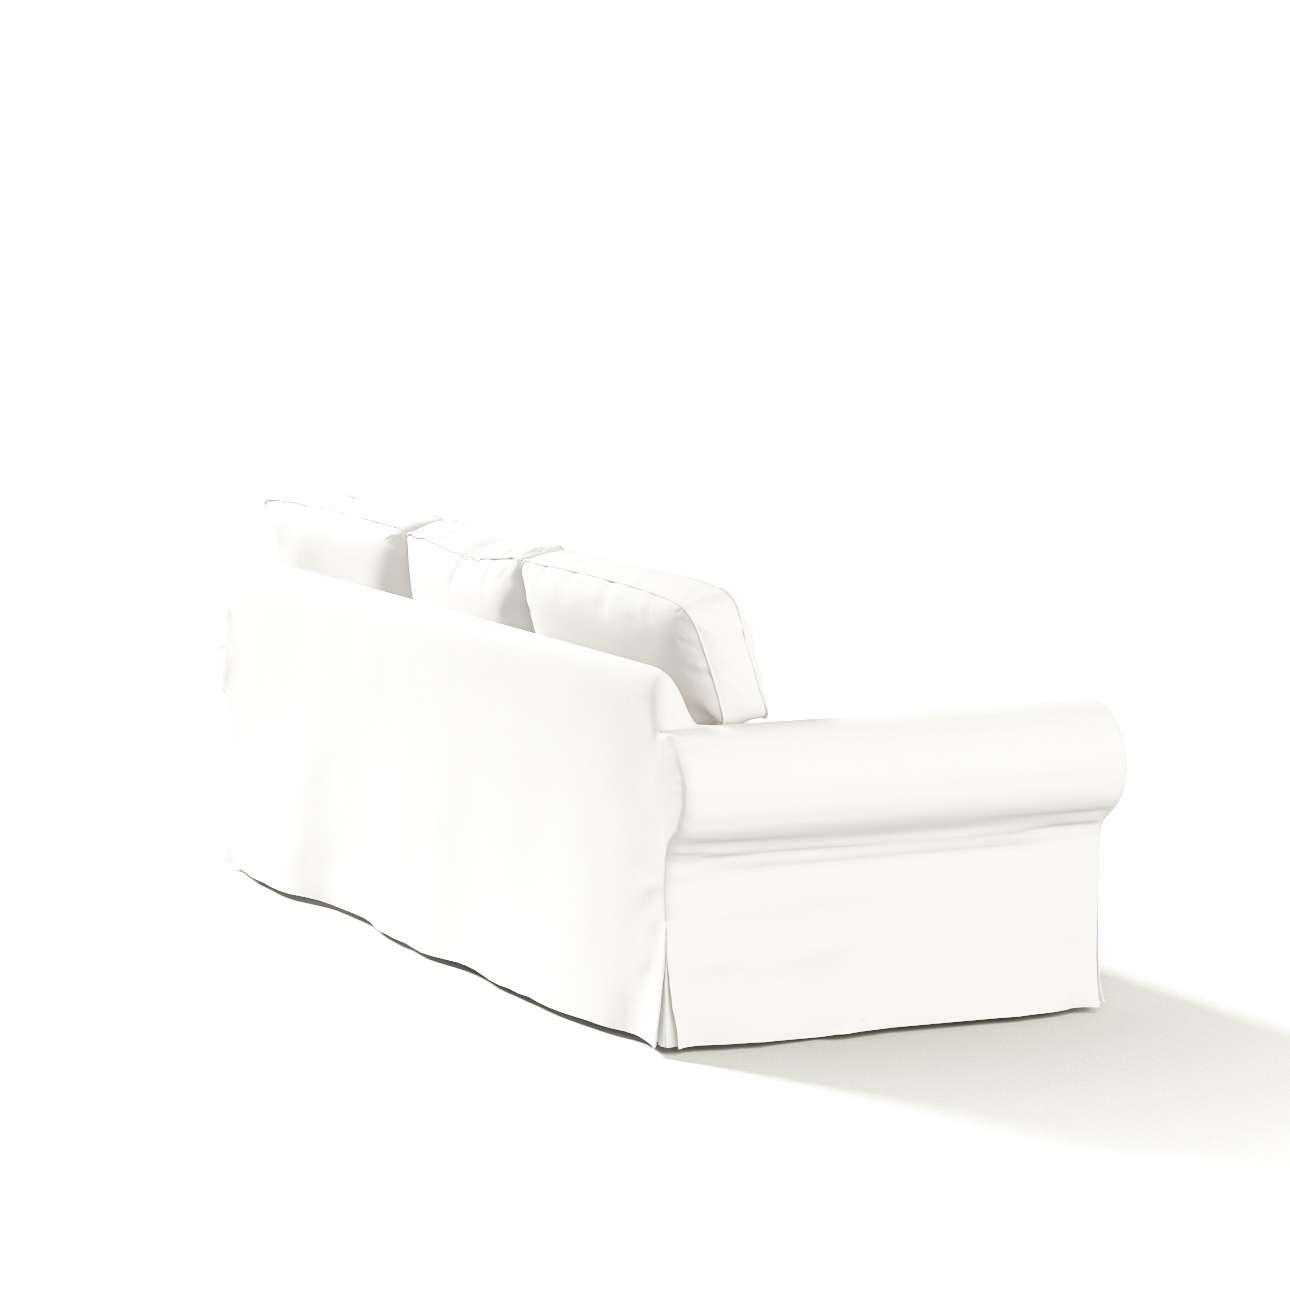 Pokrowiec na sofę Ektorp 3-osobową, rozkładaną NOWY MODEL 2013 Ektorp 3-os rozkładany nowy model 2013 w kolekcji Cotton Panama, tkanina: 702-34